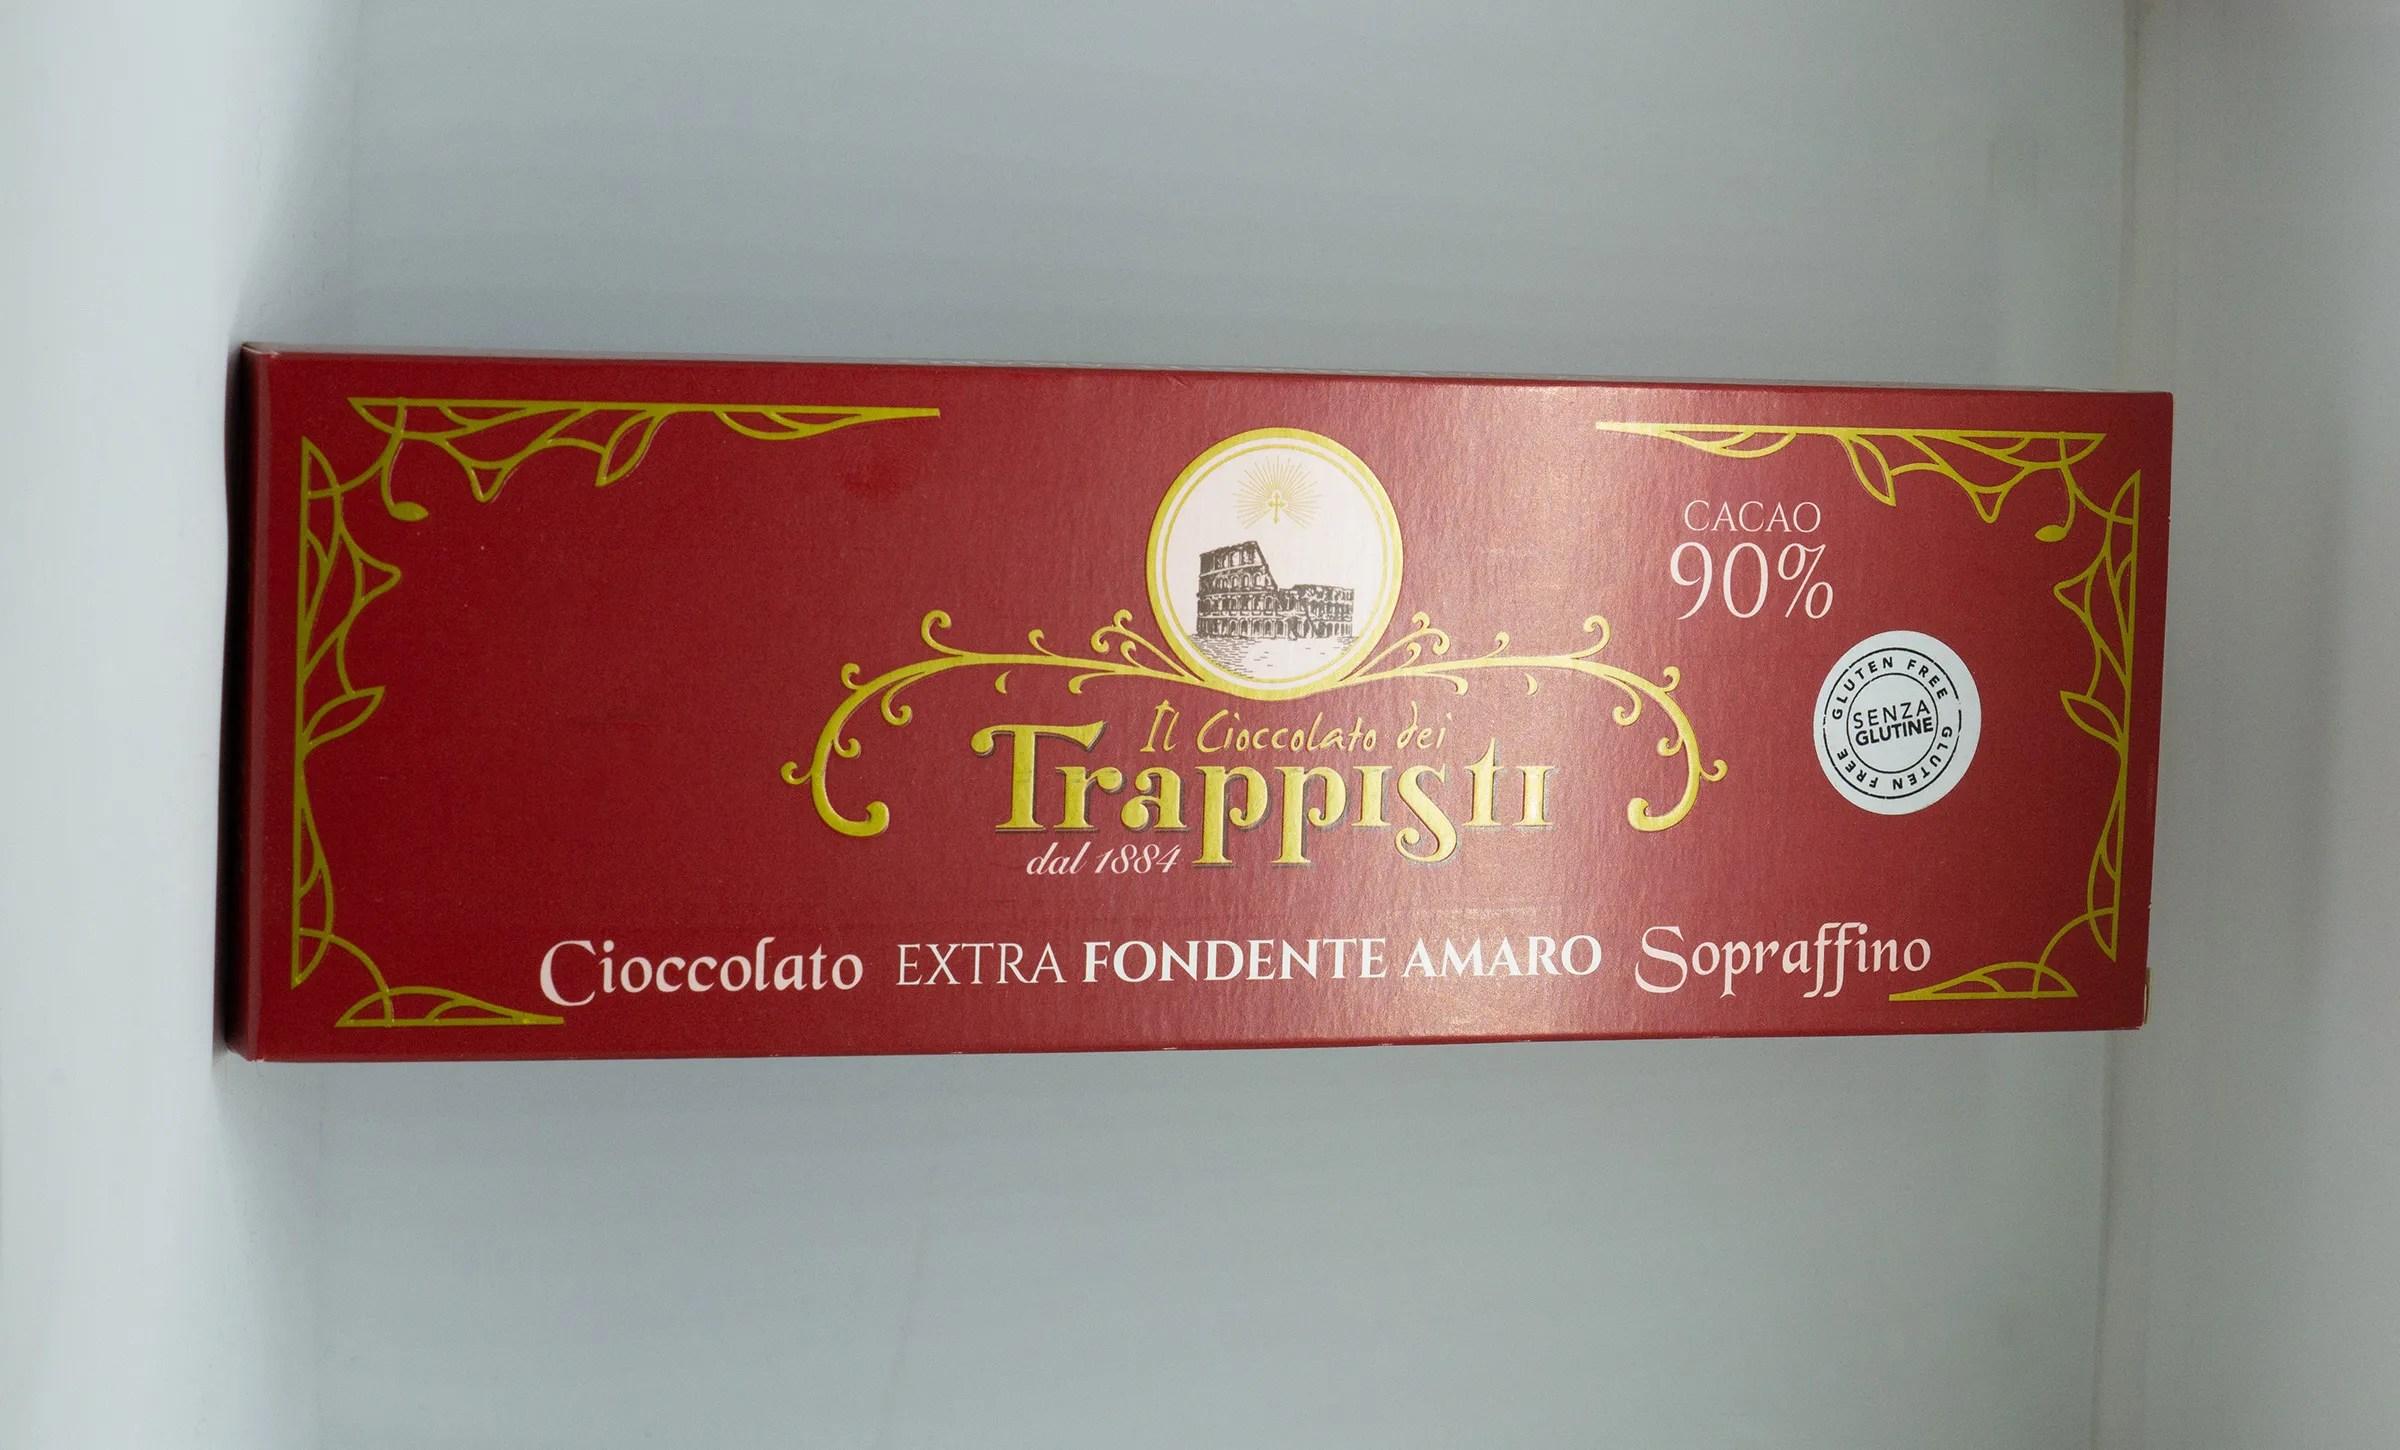 Cioccolato EXTRA fondente amaro sopraffino 90%